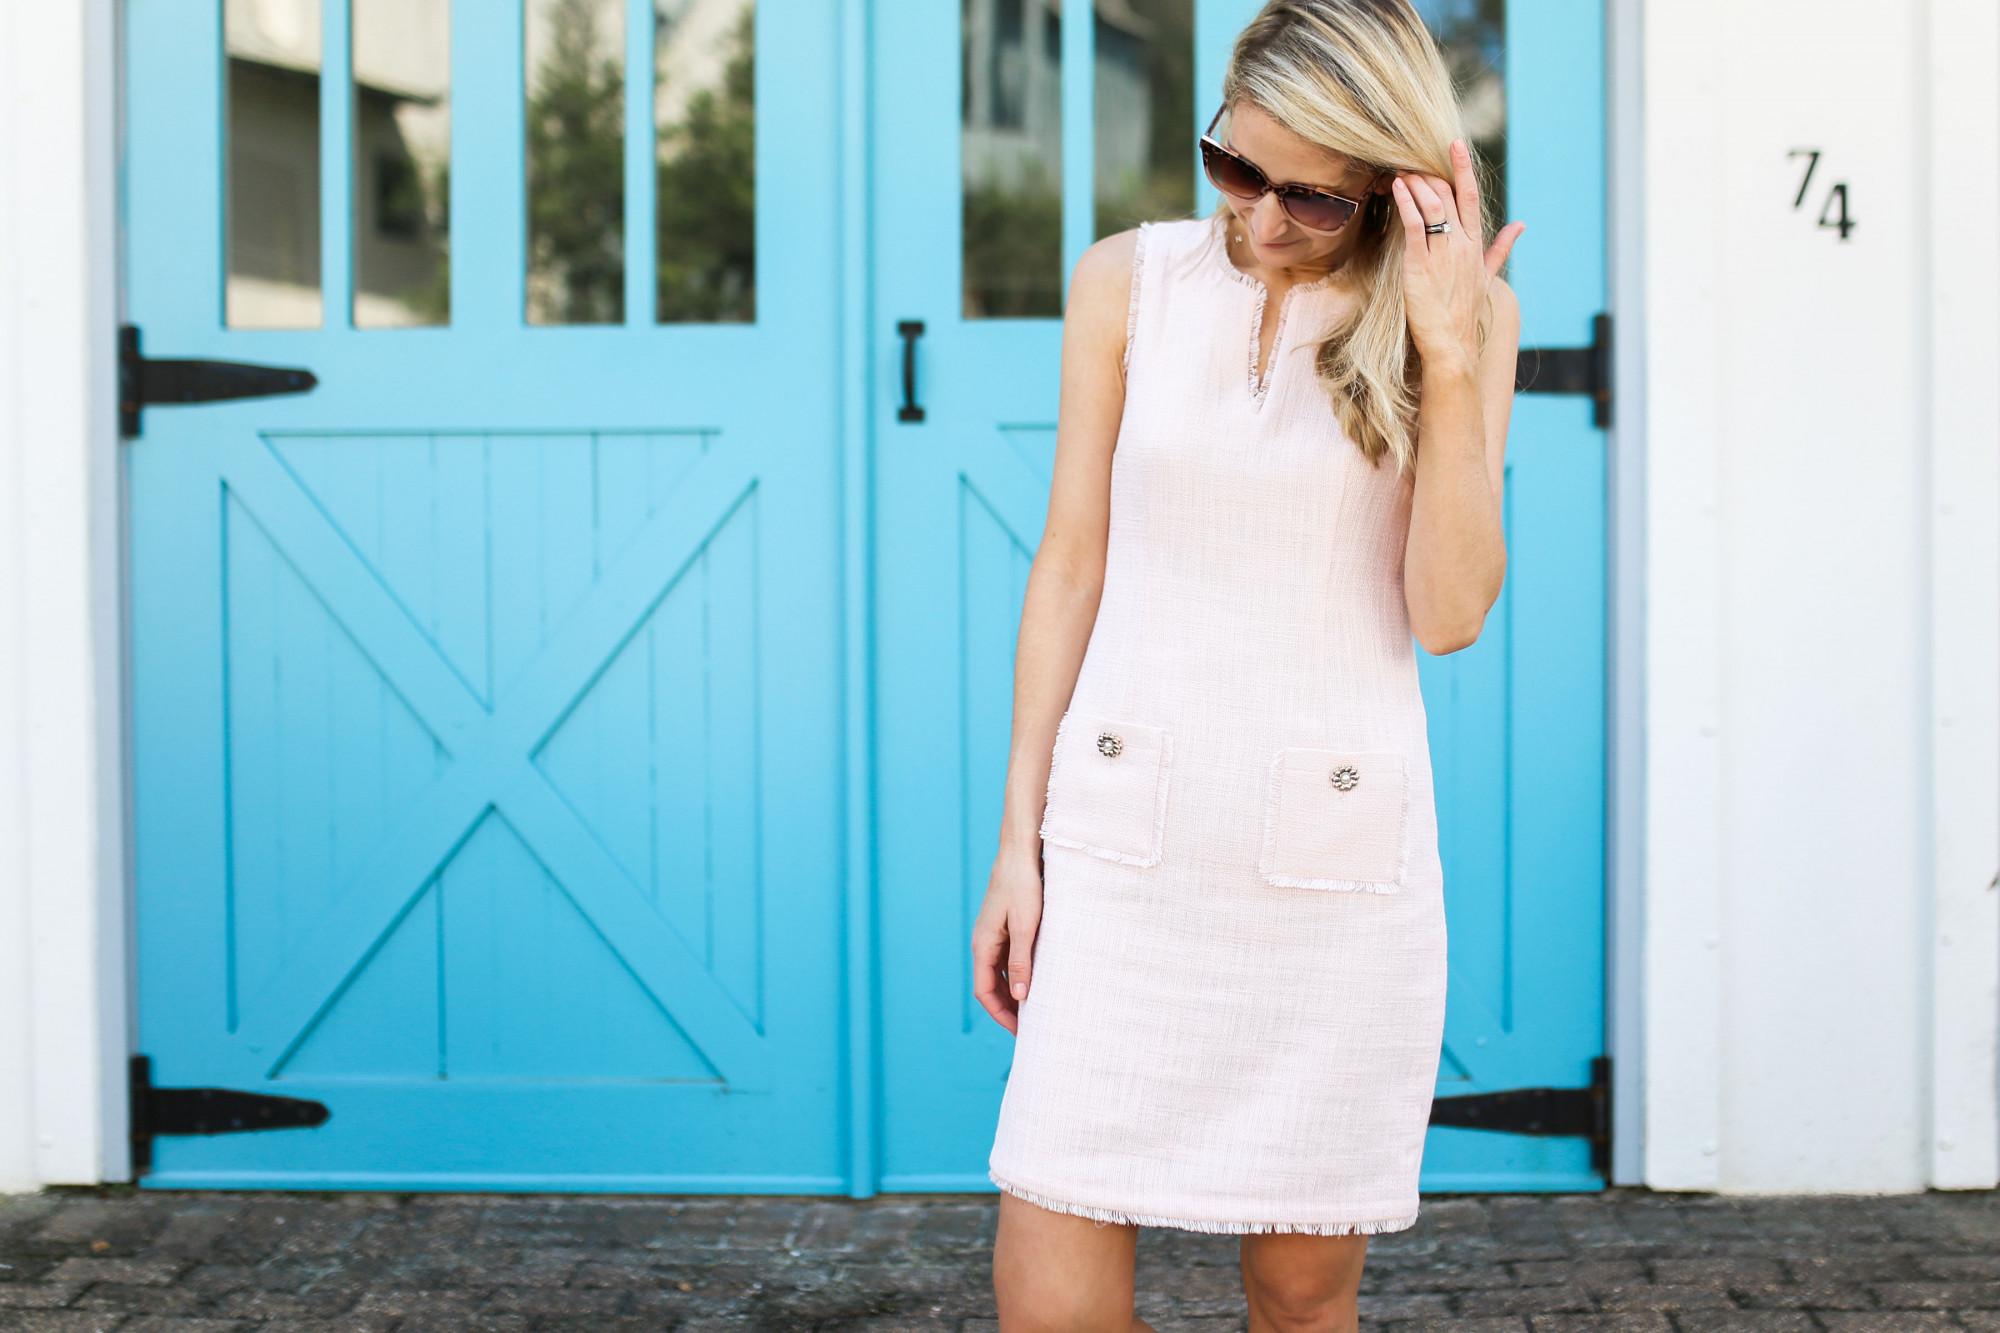 Walmart White Dress